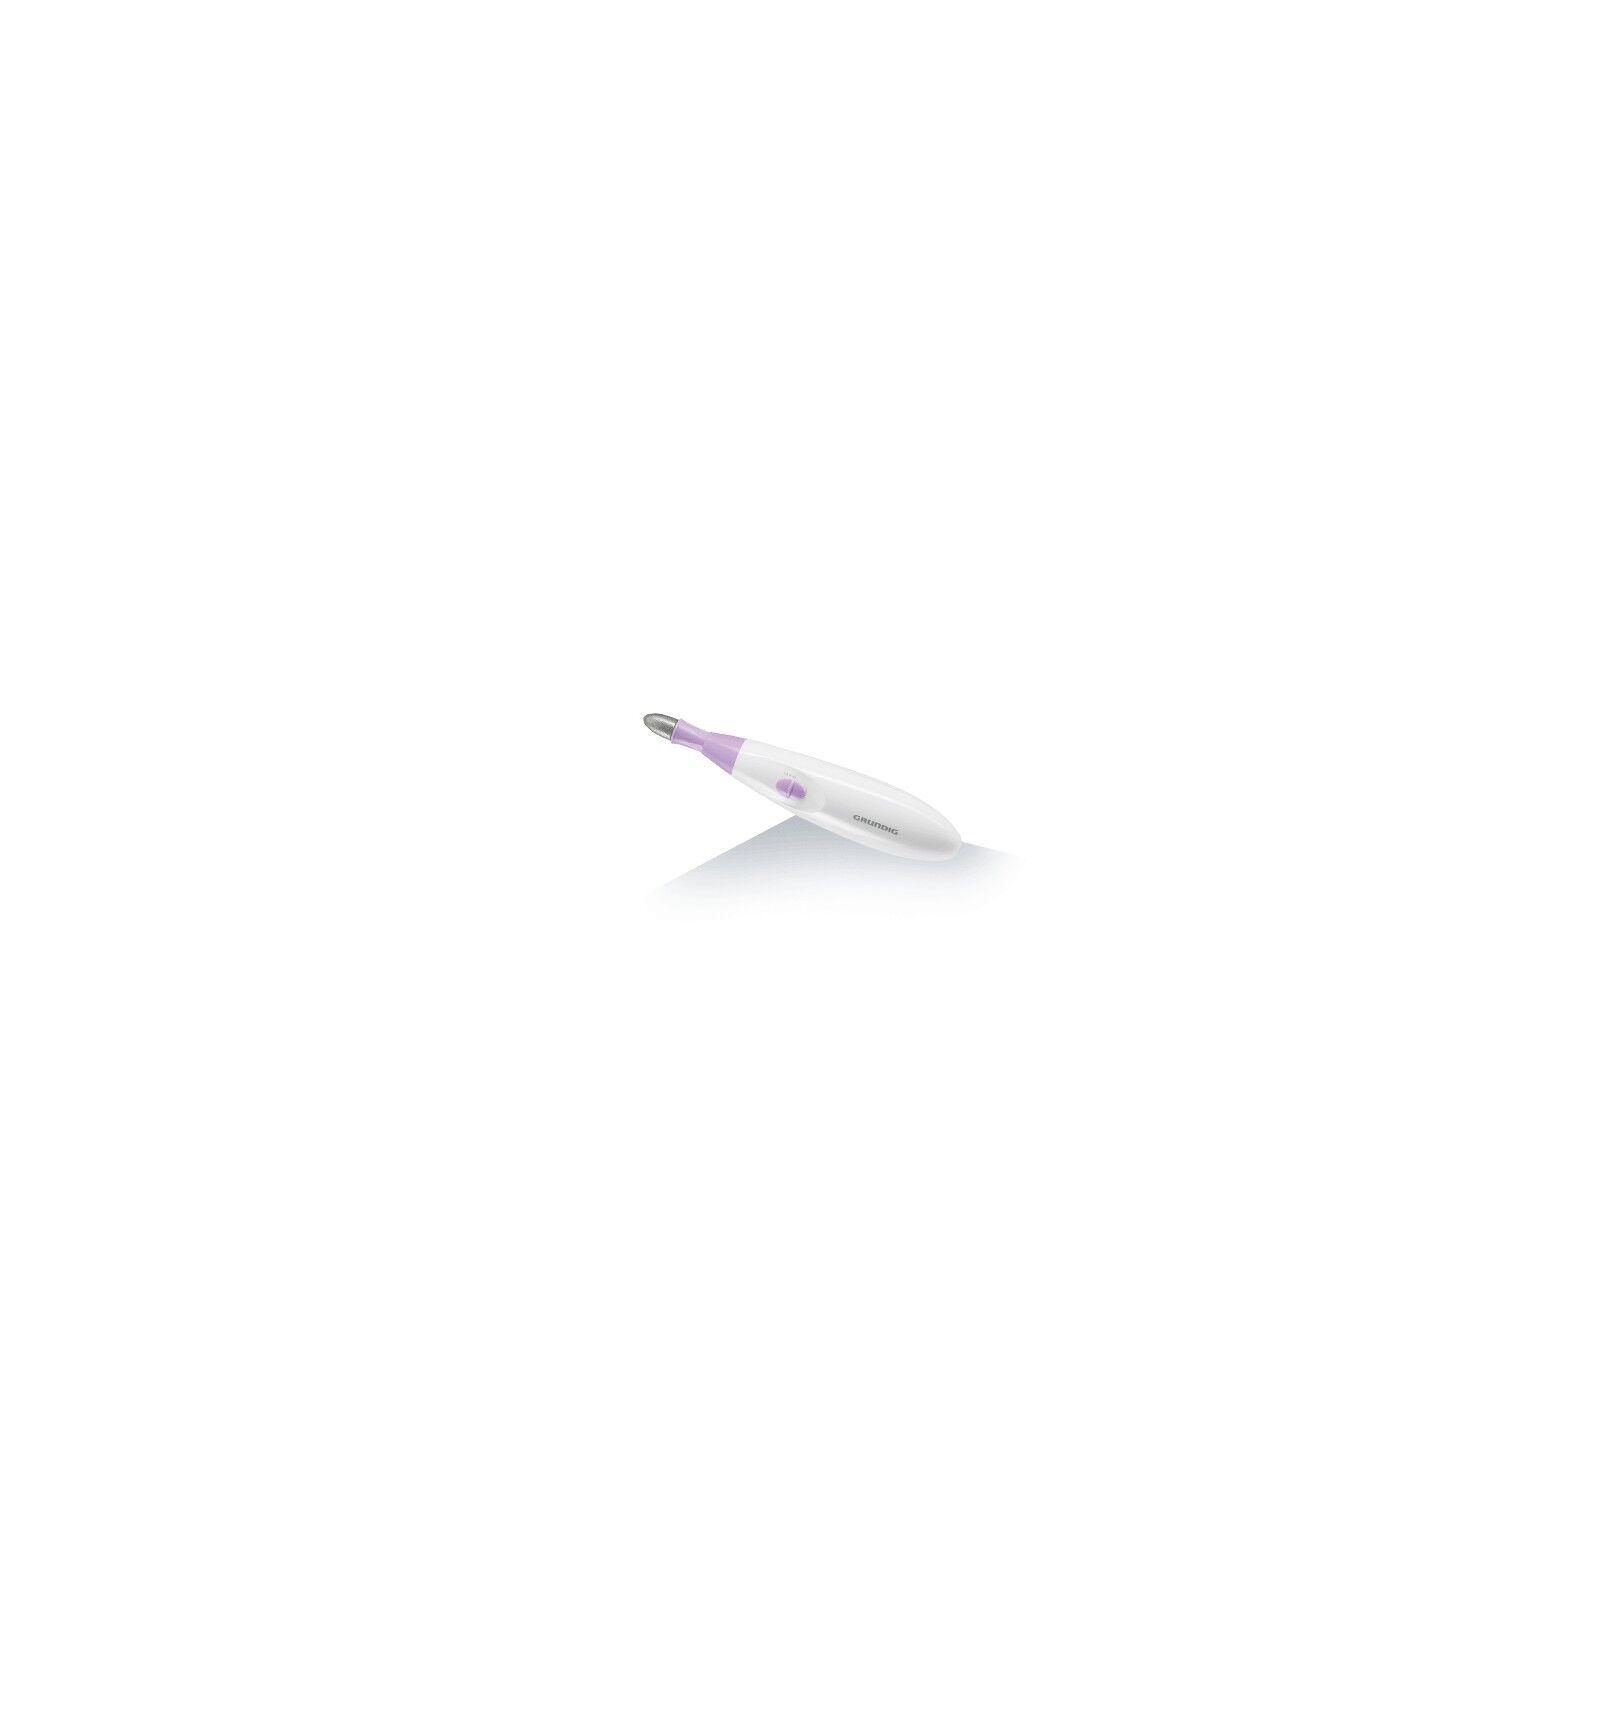 Grundig MA 5820 Toenail cleaner Vaaleanpunainen, Valkoinen Ruostumaton teräs